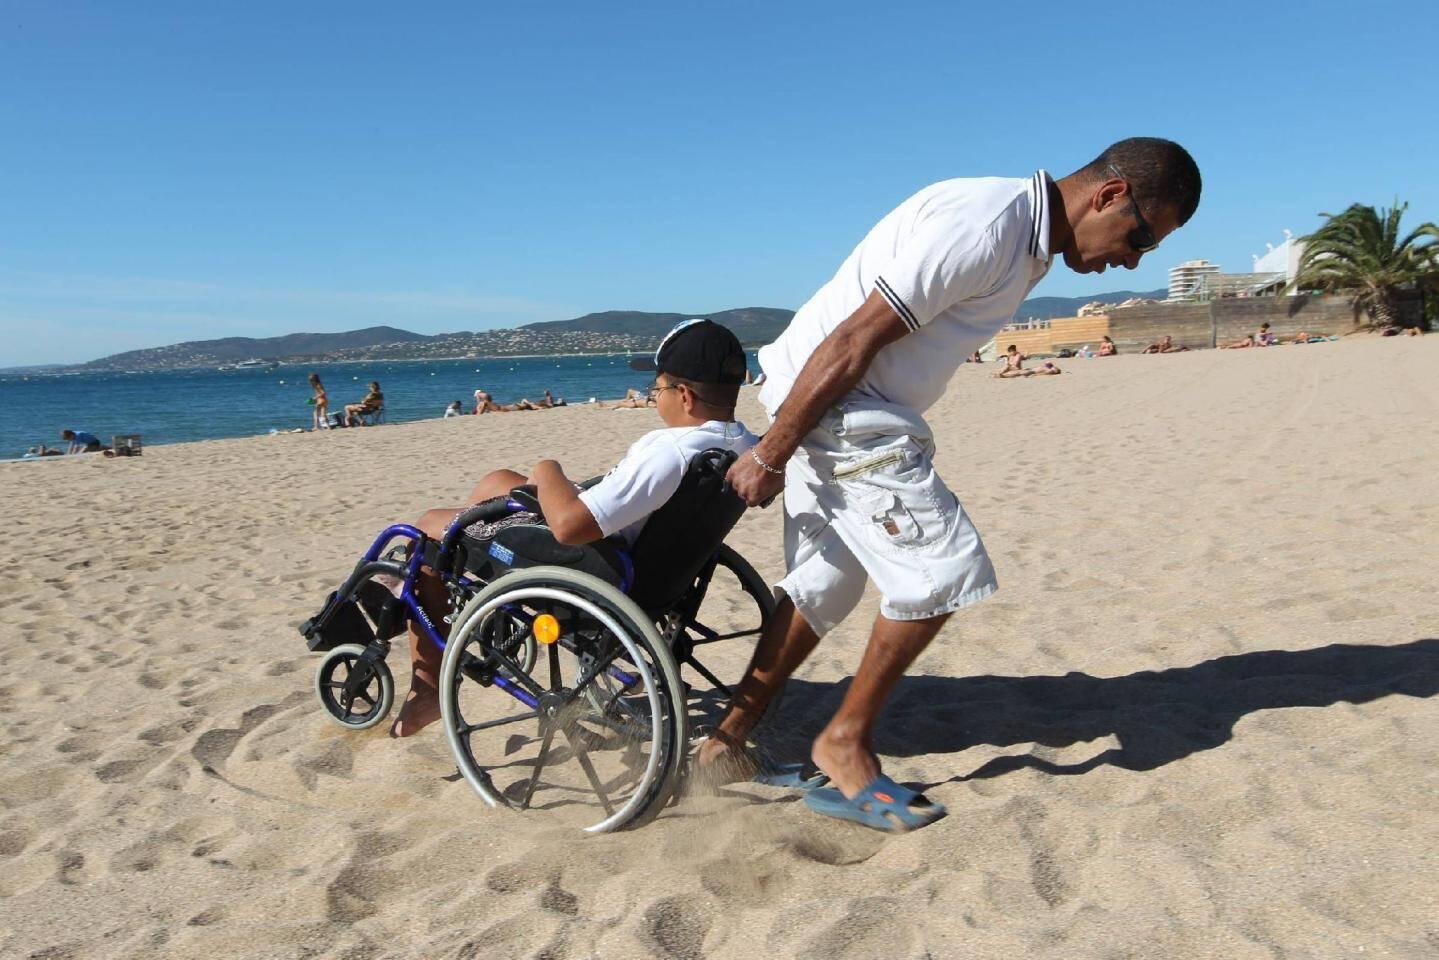 Il est difficile d'accéder à la plage quand on est en fauteuil roulant. Une mission périlleuse qui en dissuade plus d'un.